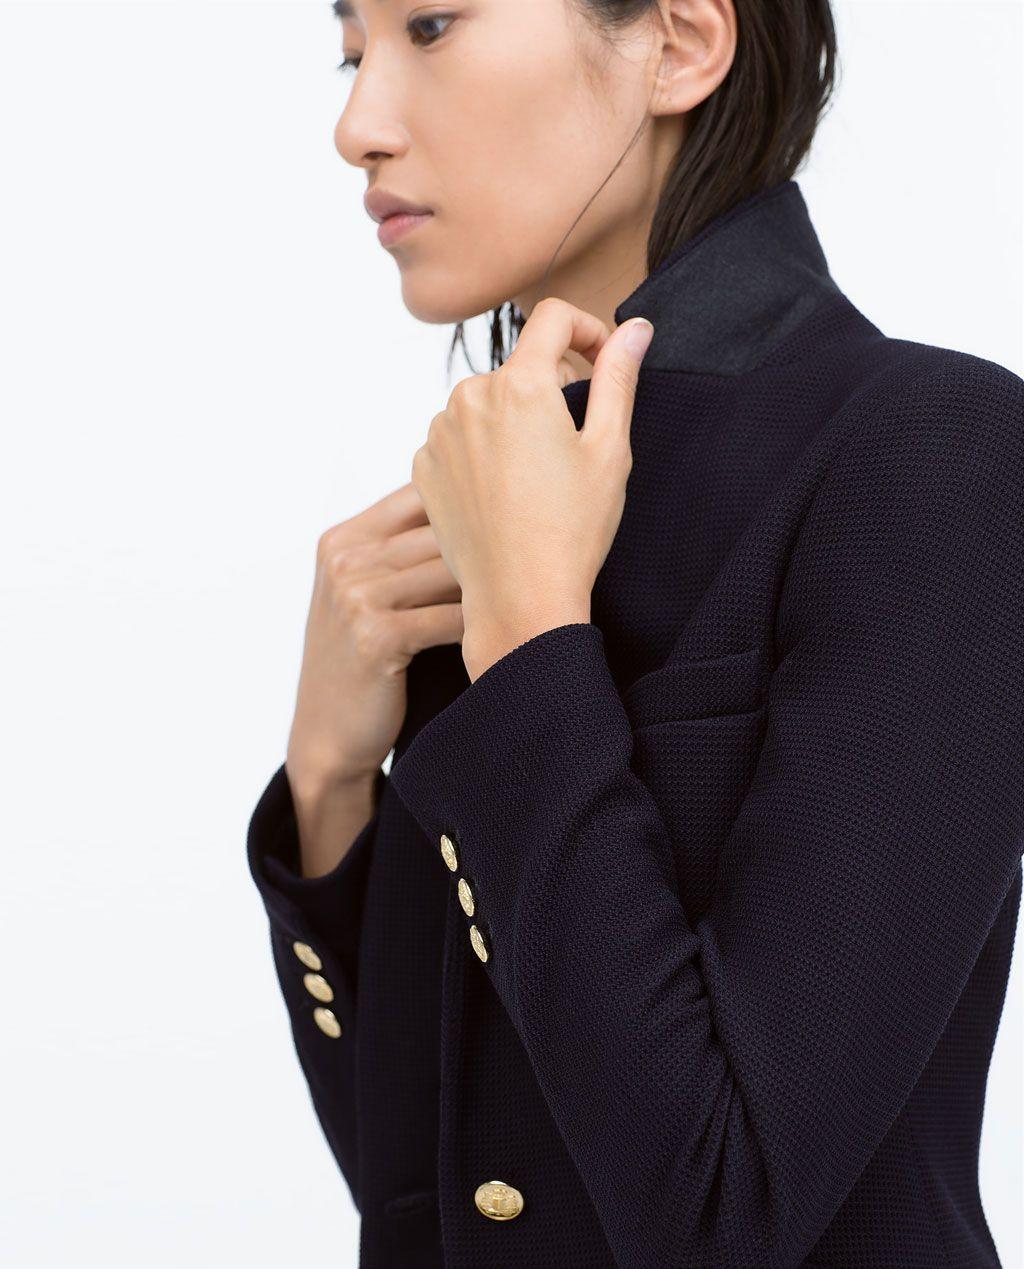 ZARA WOMAN FUR COLLAR JACKET   Moda estilo formal e